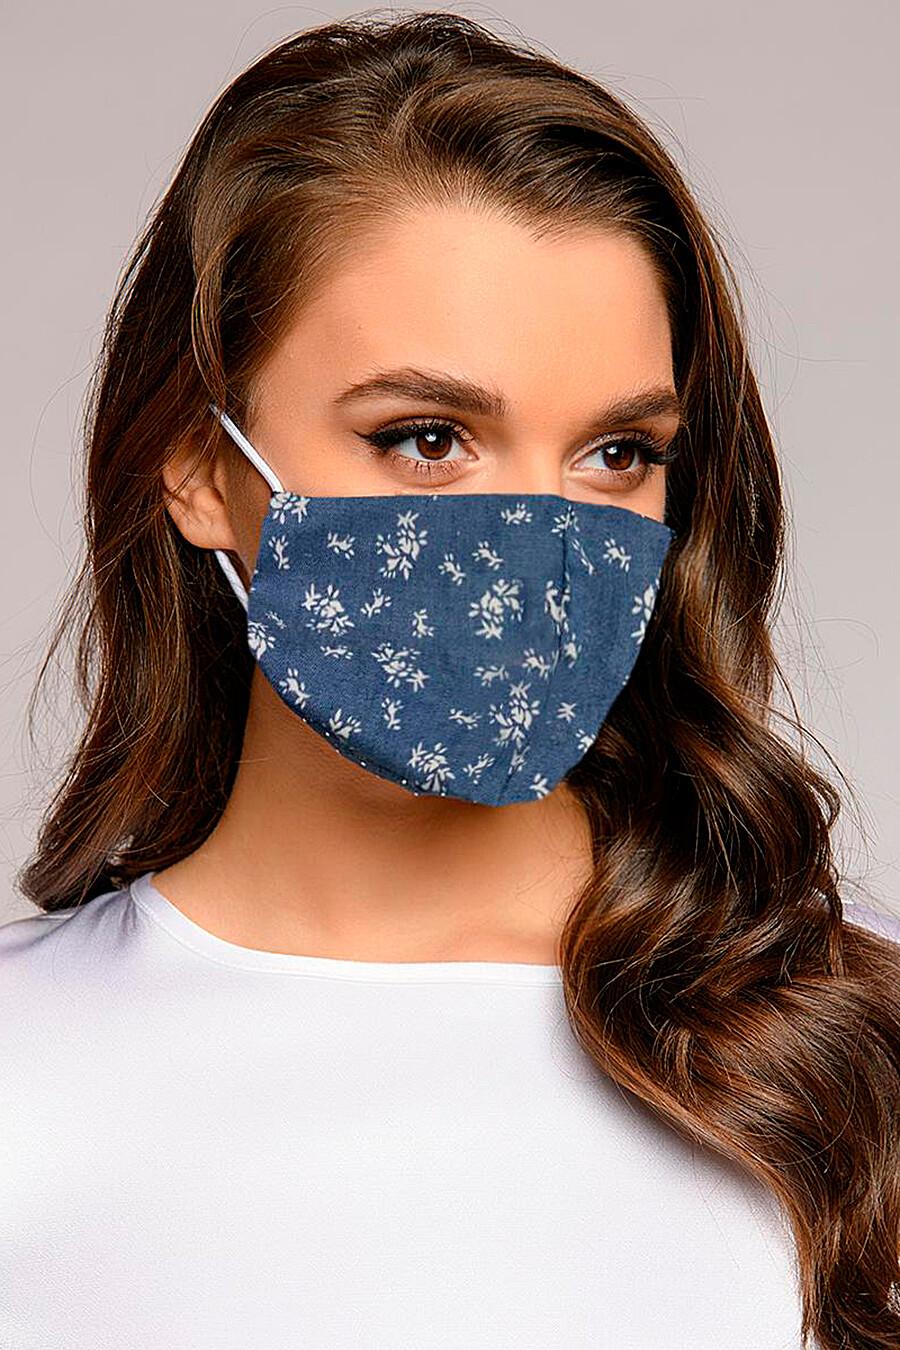 Маска (не медицинская) для женщин 1001 DRESS 219953 купить оптом от производителя. Совместная покупка женской одежды в OptMoyo